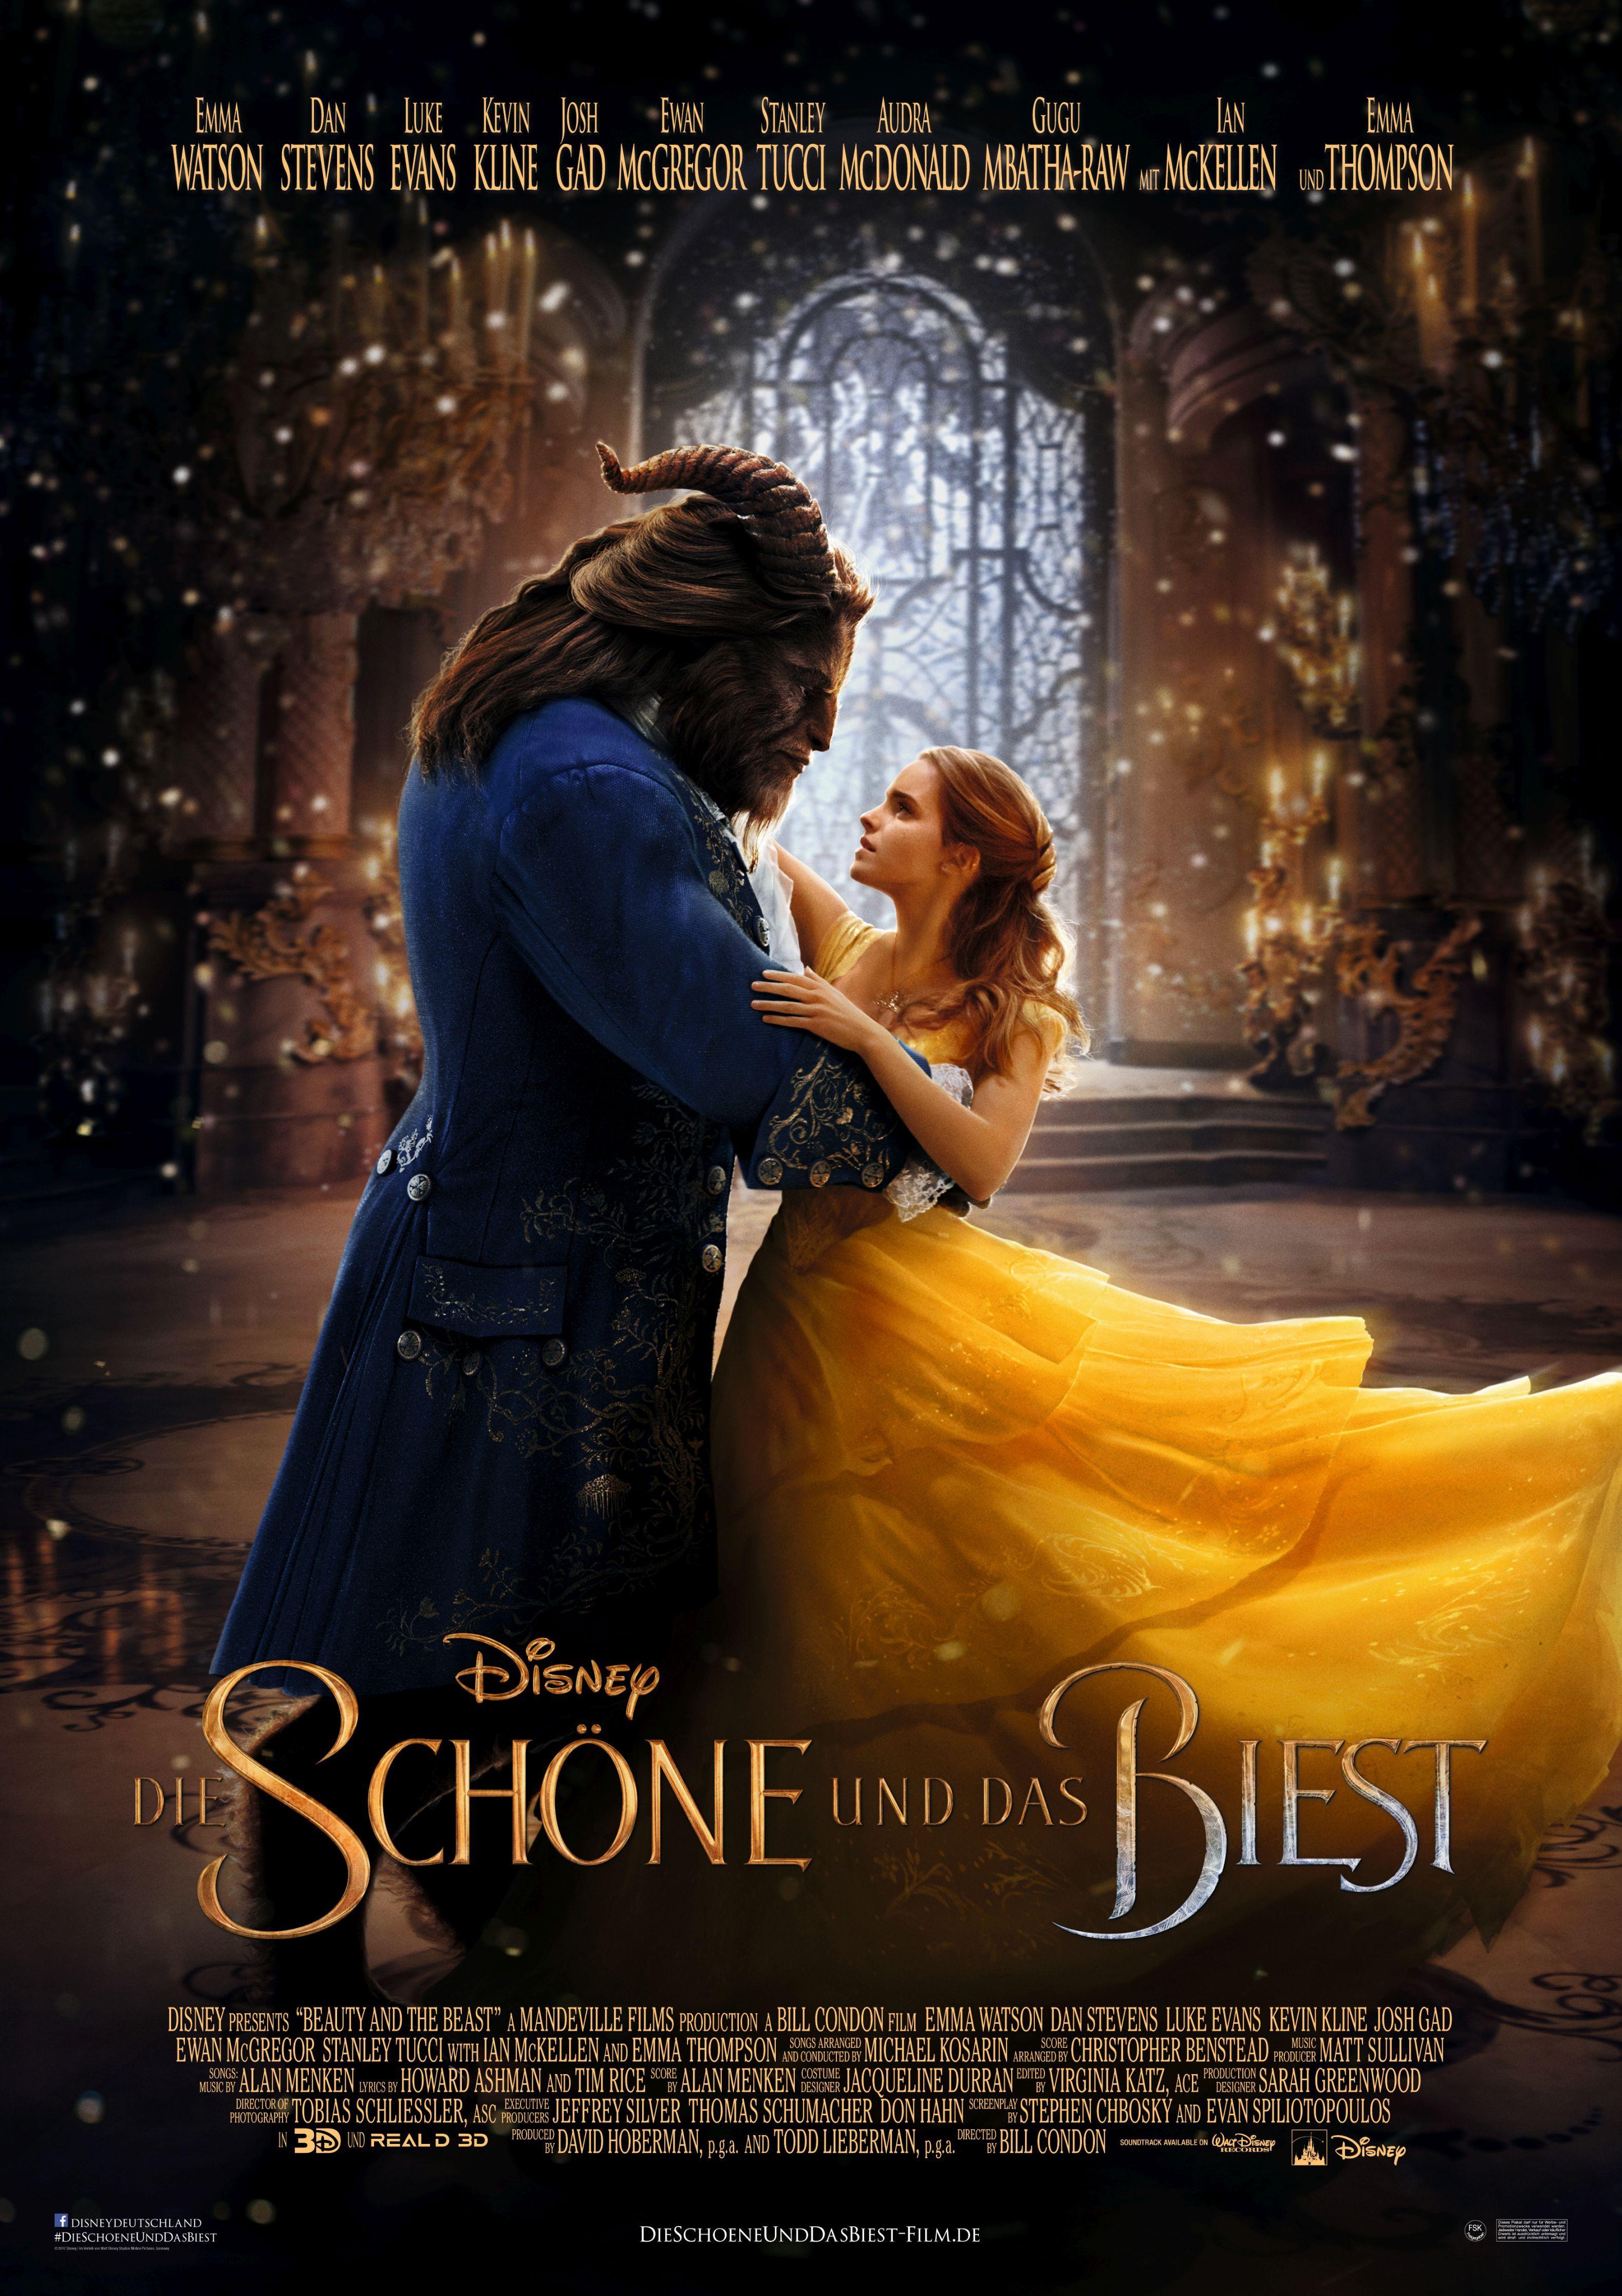 Die Schone Und Das Biest 2017 Fantasy Musical Fsk 6 Walt Disney Beauty And The Beast Movie The Beast Movie Beauty And The Beast